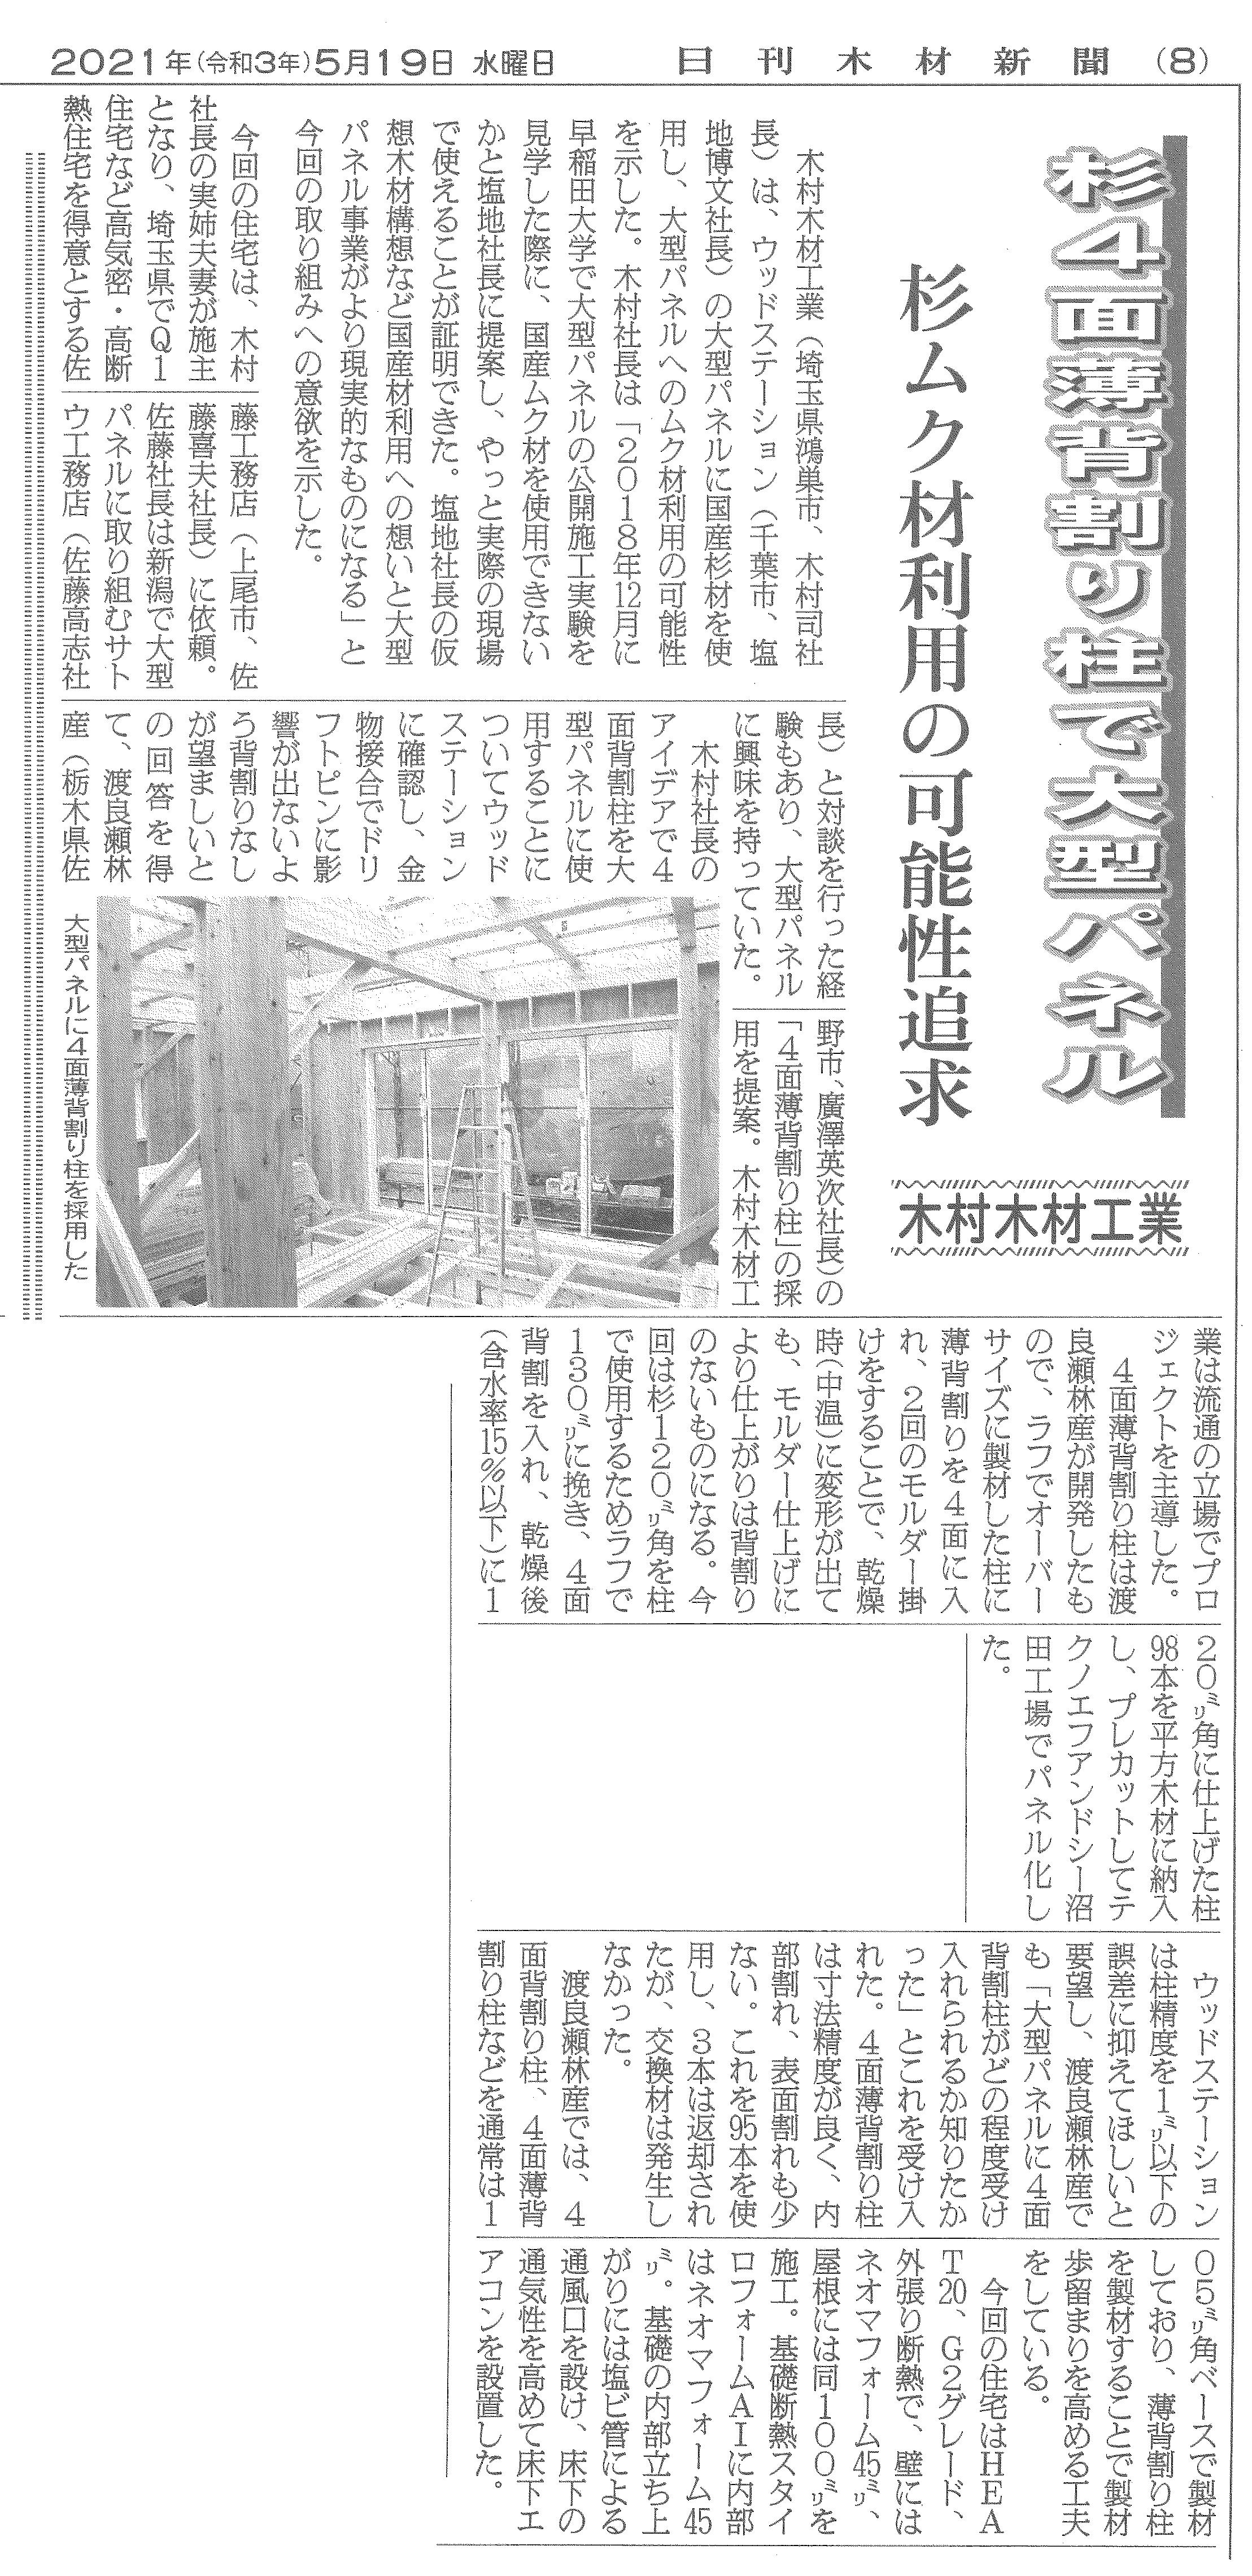 木村木材工業はウッドステーションの大型パネルに国産杉材を使用し、大型パネルへのムク材利用の可能性を示した